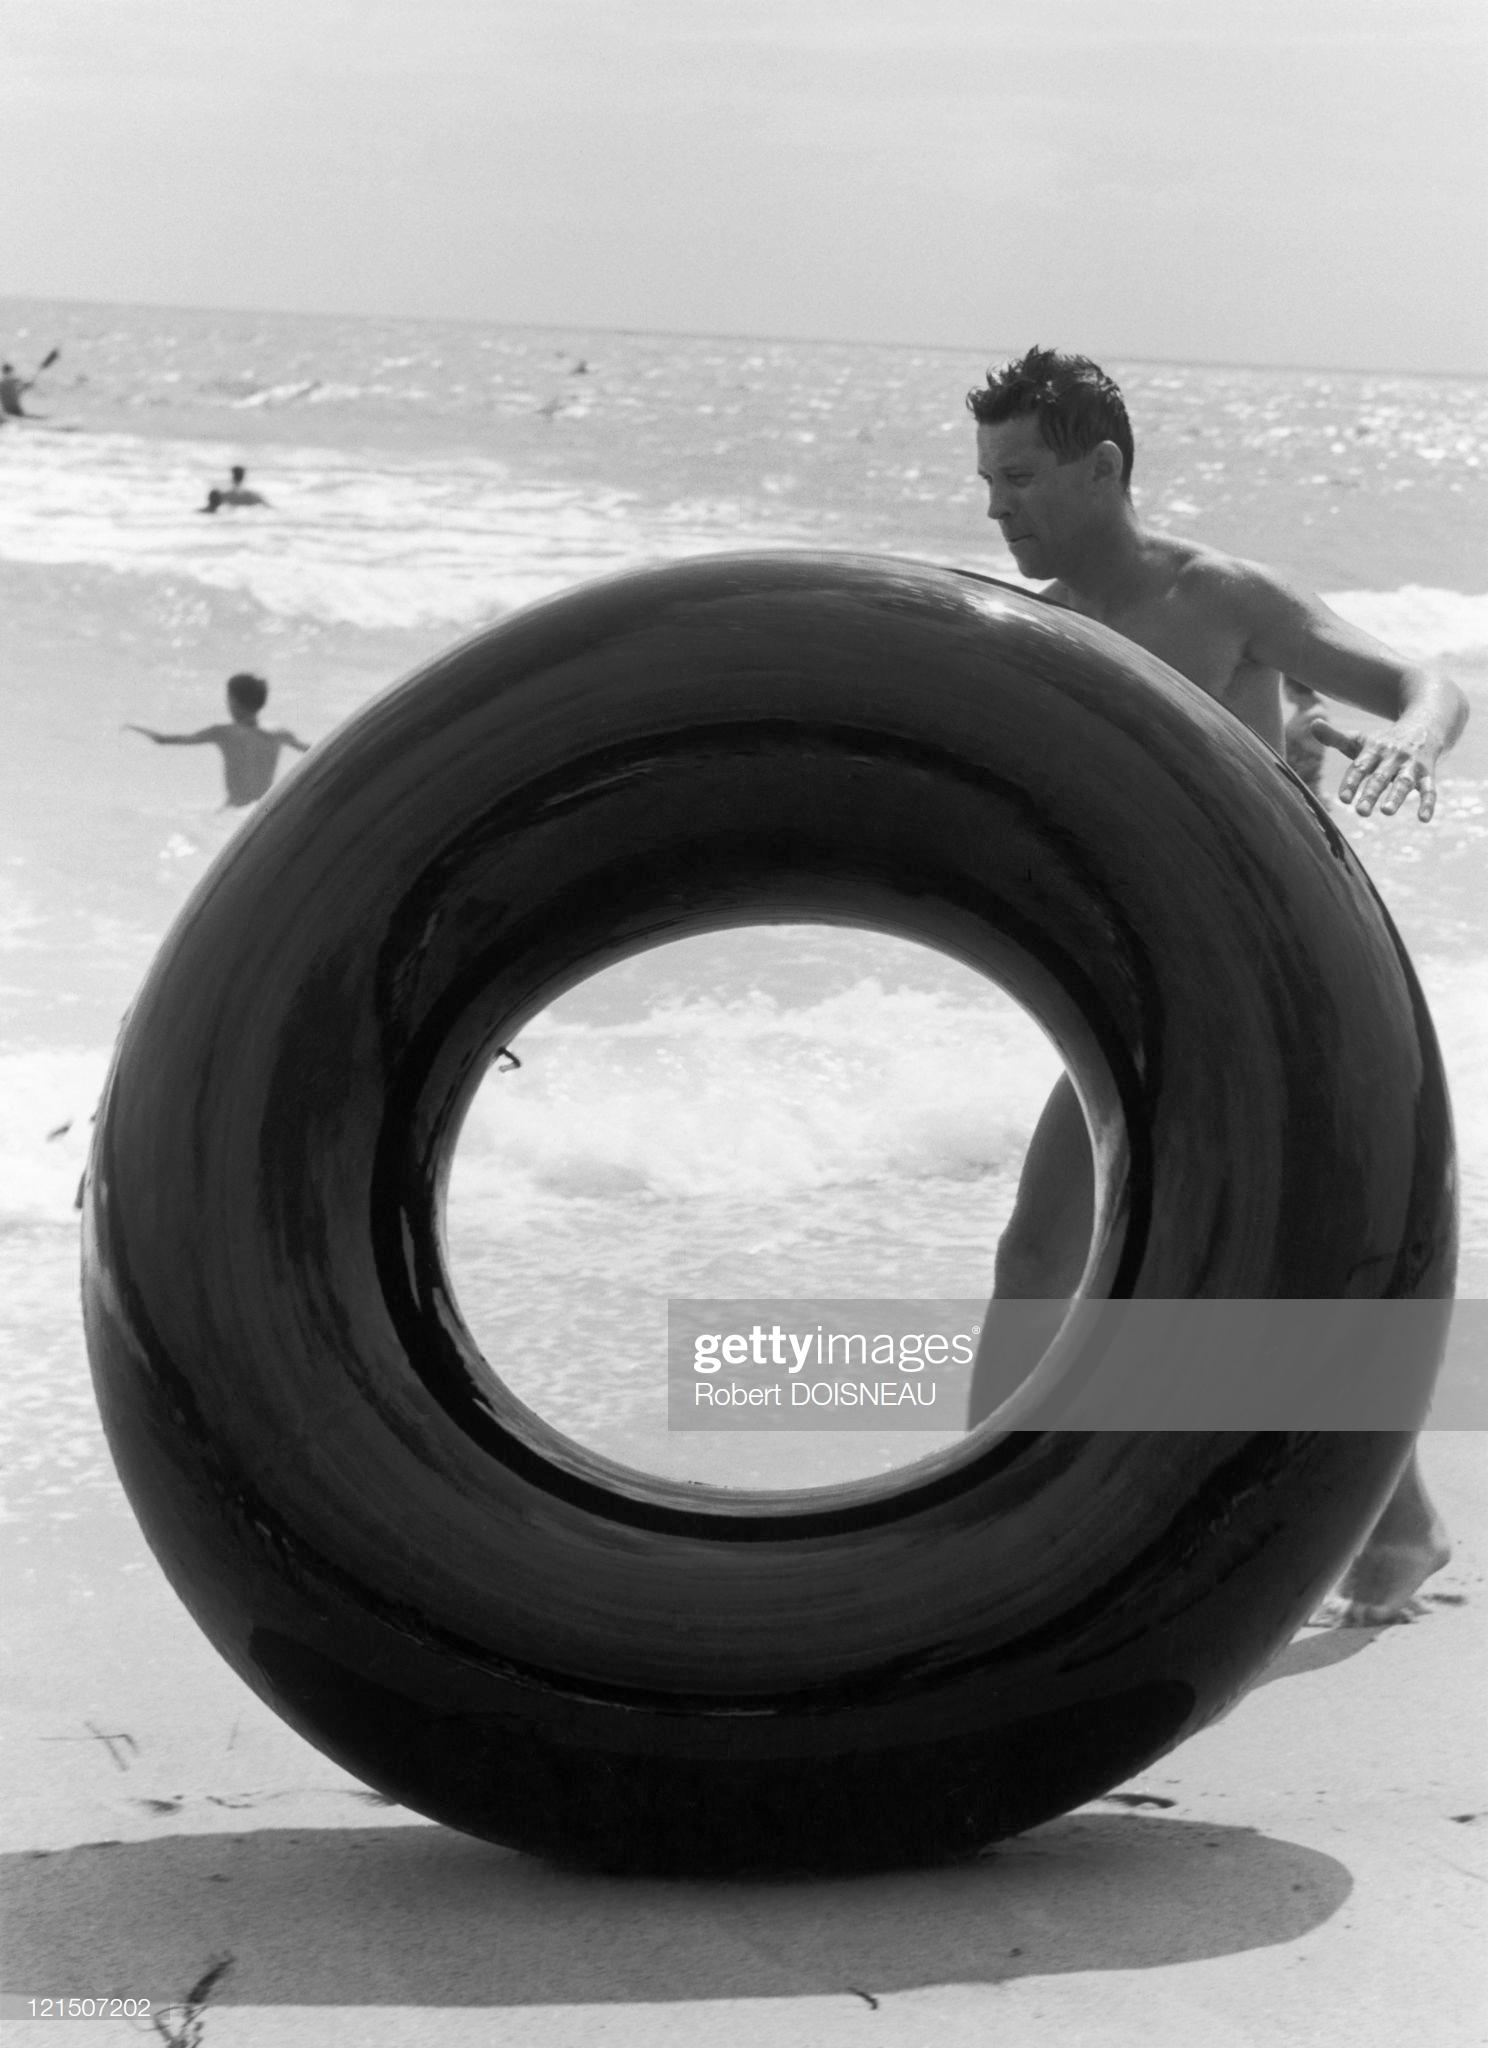 Отдыхающий толкает свой резиновый круг